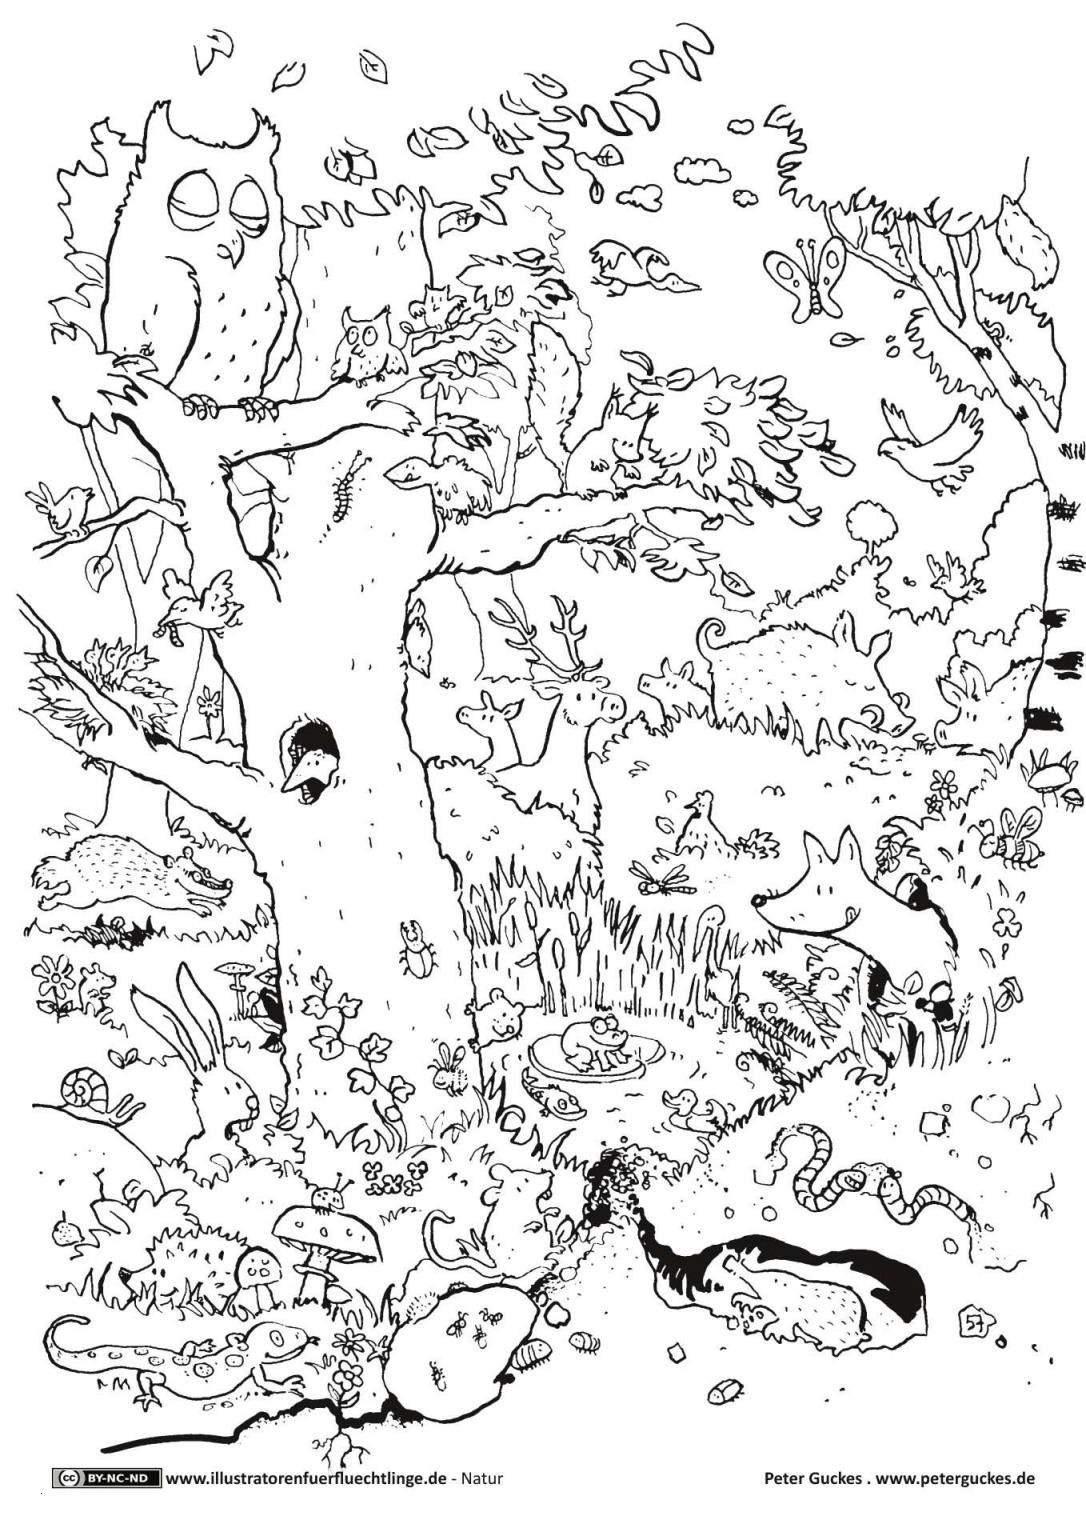 ausmalbilder tiere zoo ac288c29a ausmalbilder tiere mit buchstaben of ausmalbilder tiere zoo